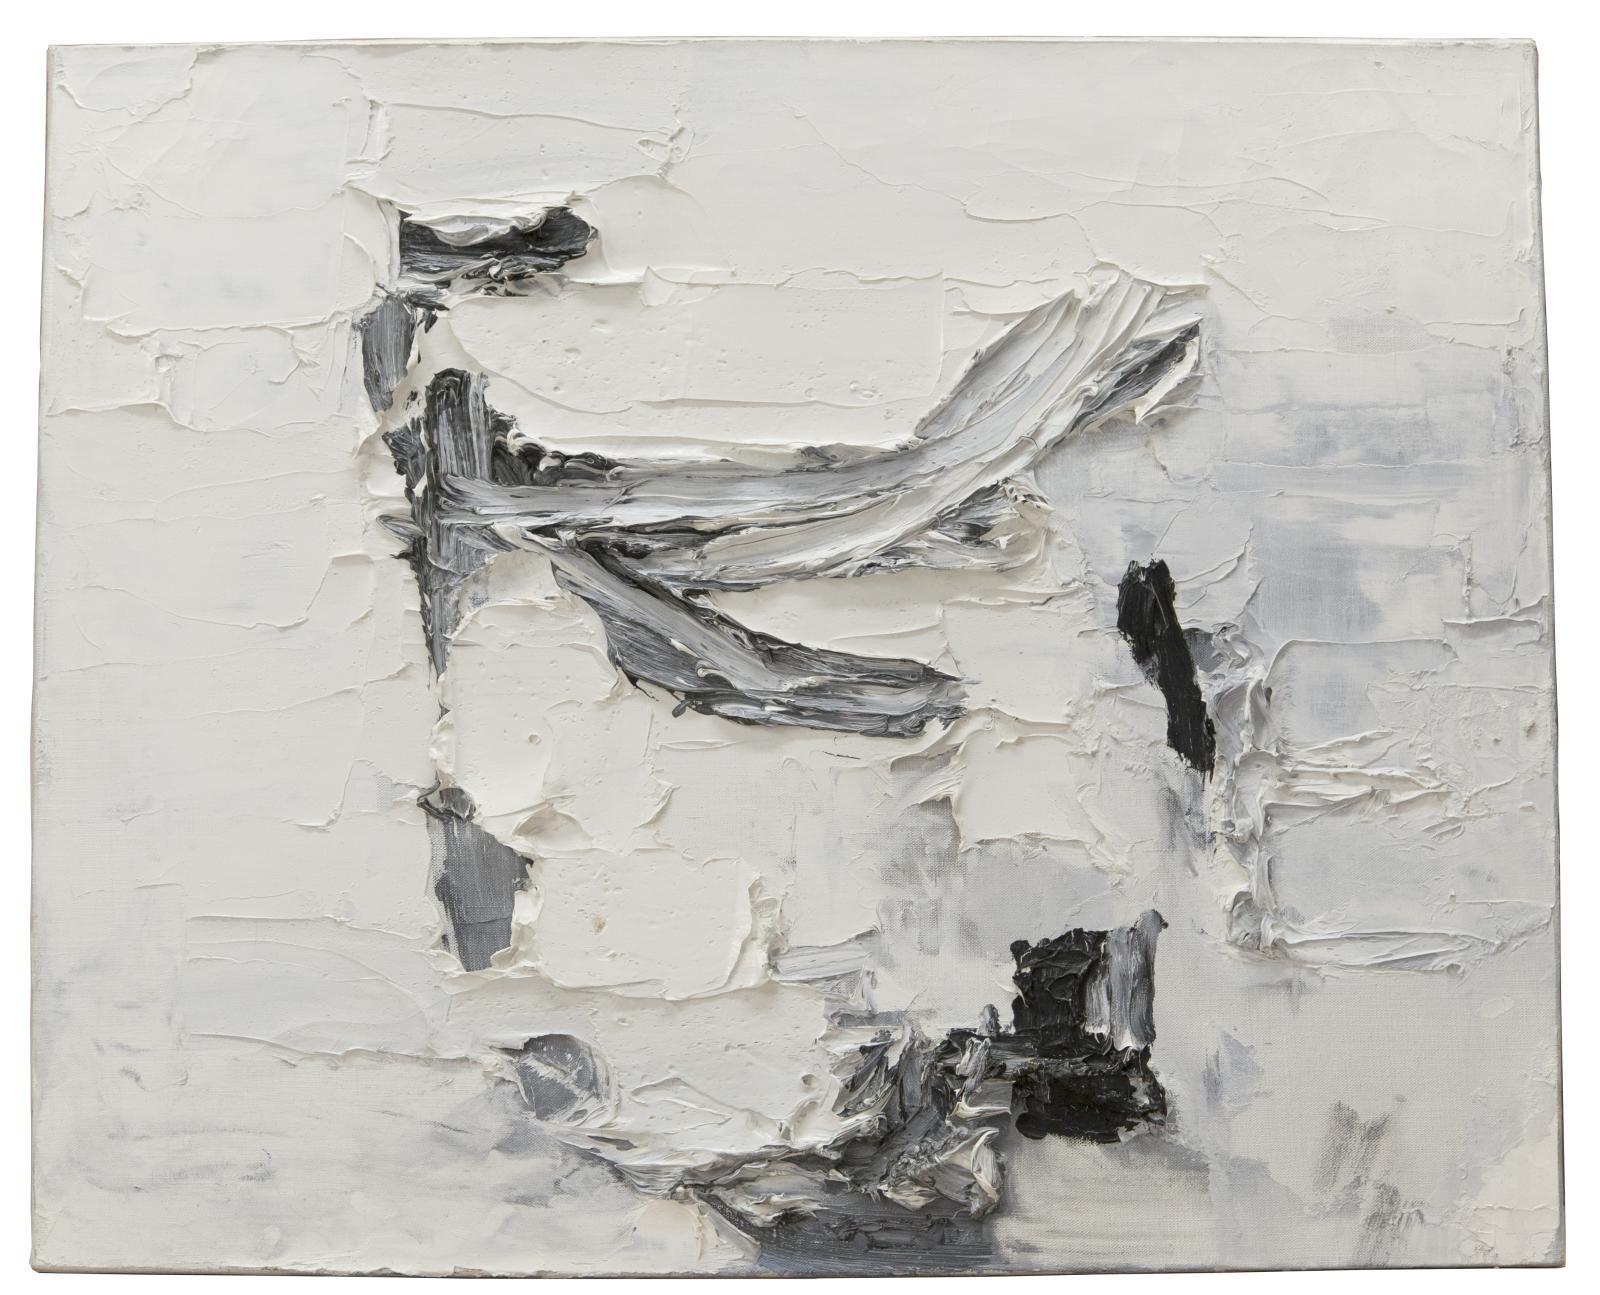 François Aubrun, Untitled #327, 1969